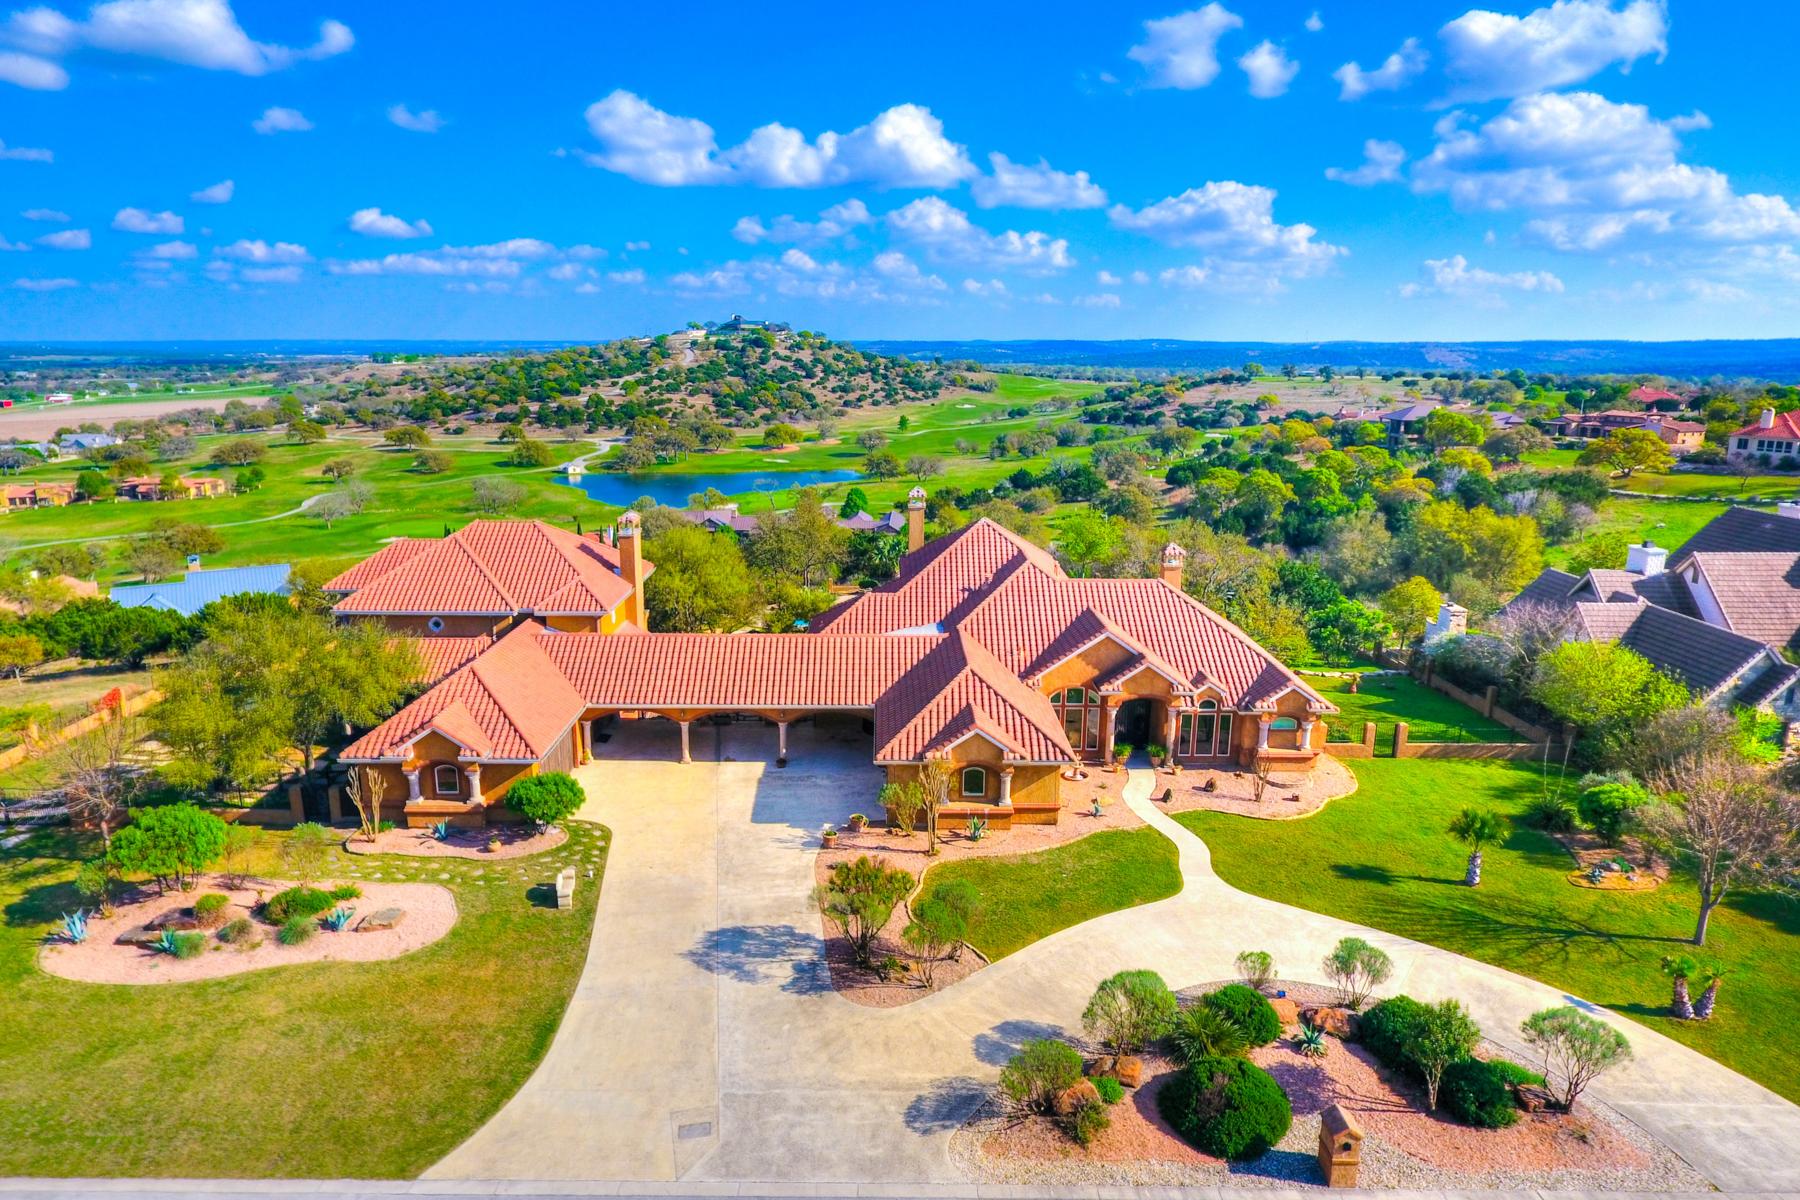 Casa Unifamiliar por un Venta en Breathtaking Views in Comanche Trace 3621 Ranch View Ct E Kerrville, Texas 78028 Estados Unidos